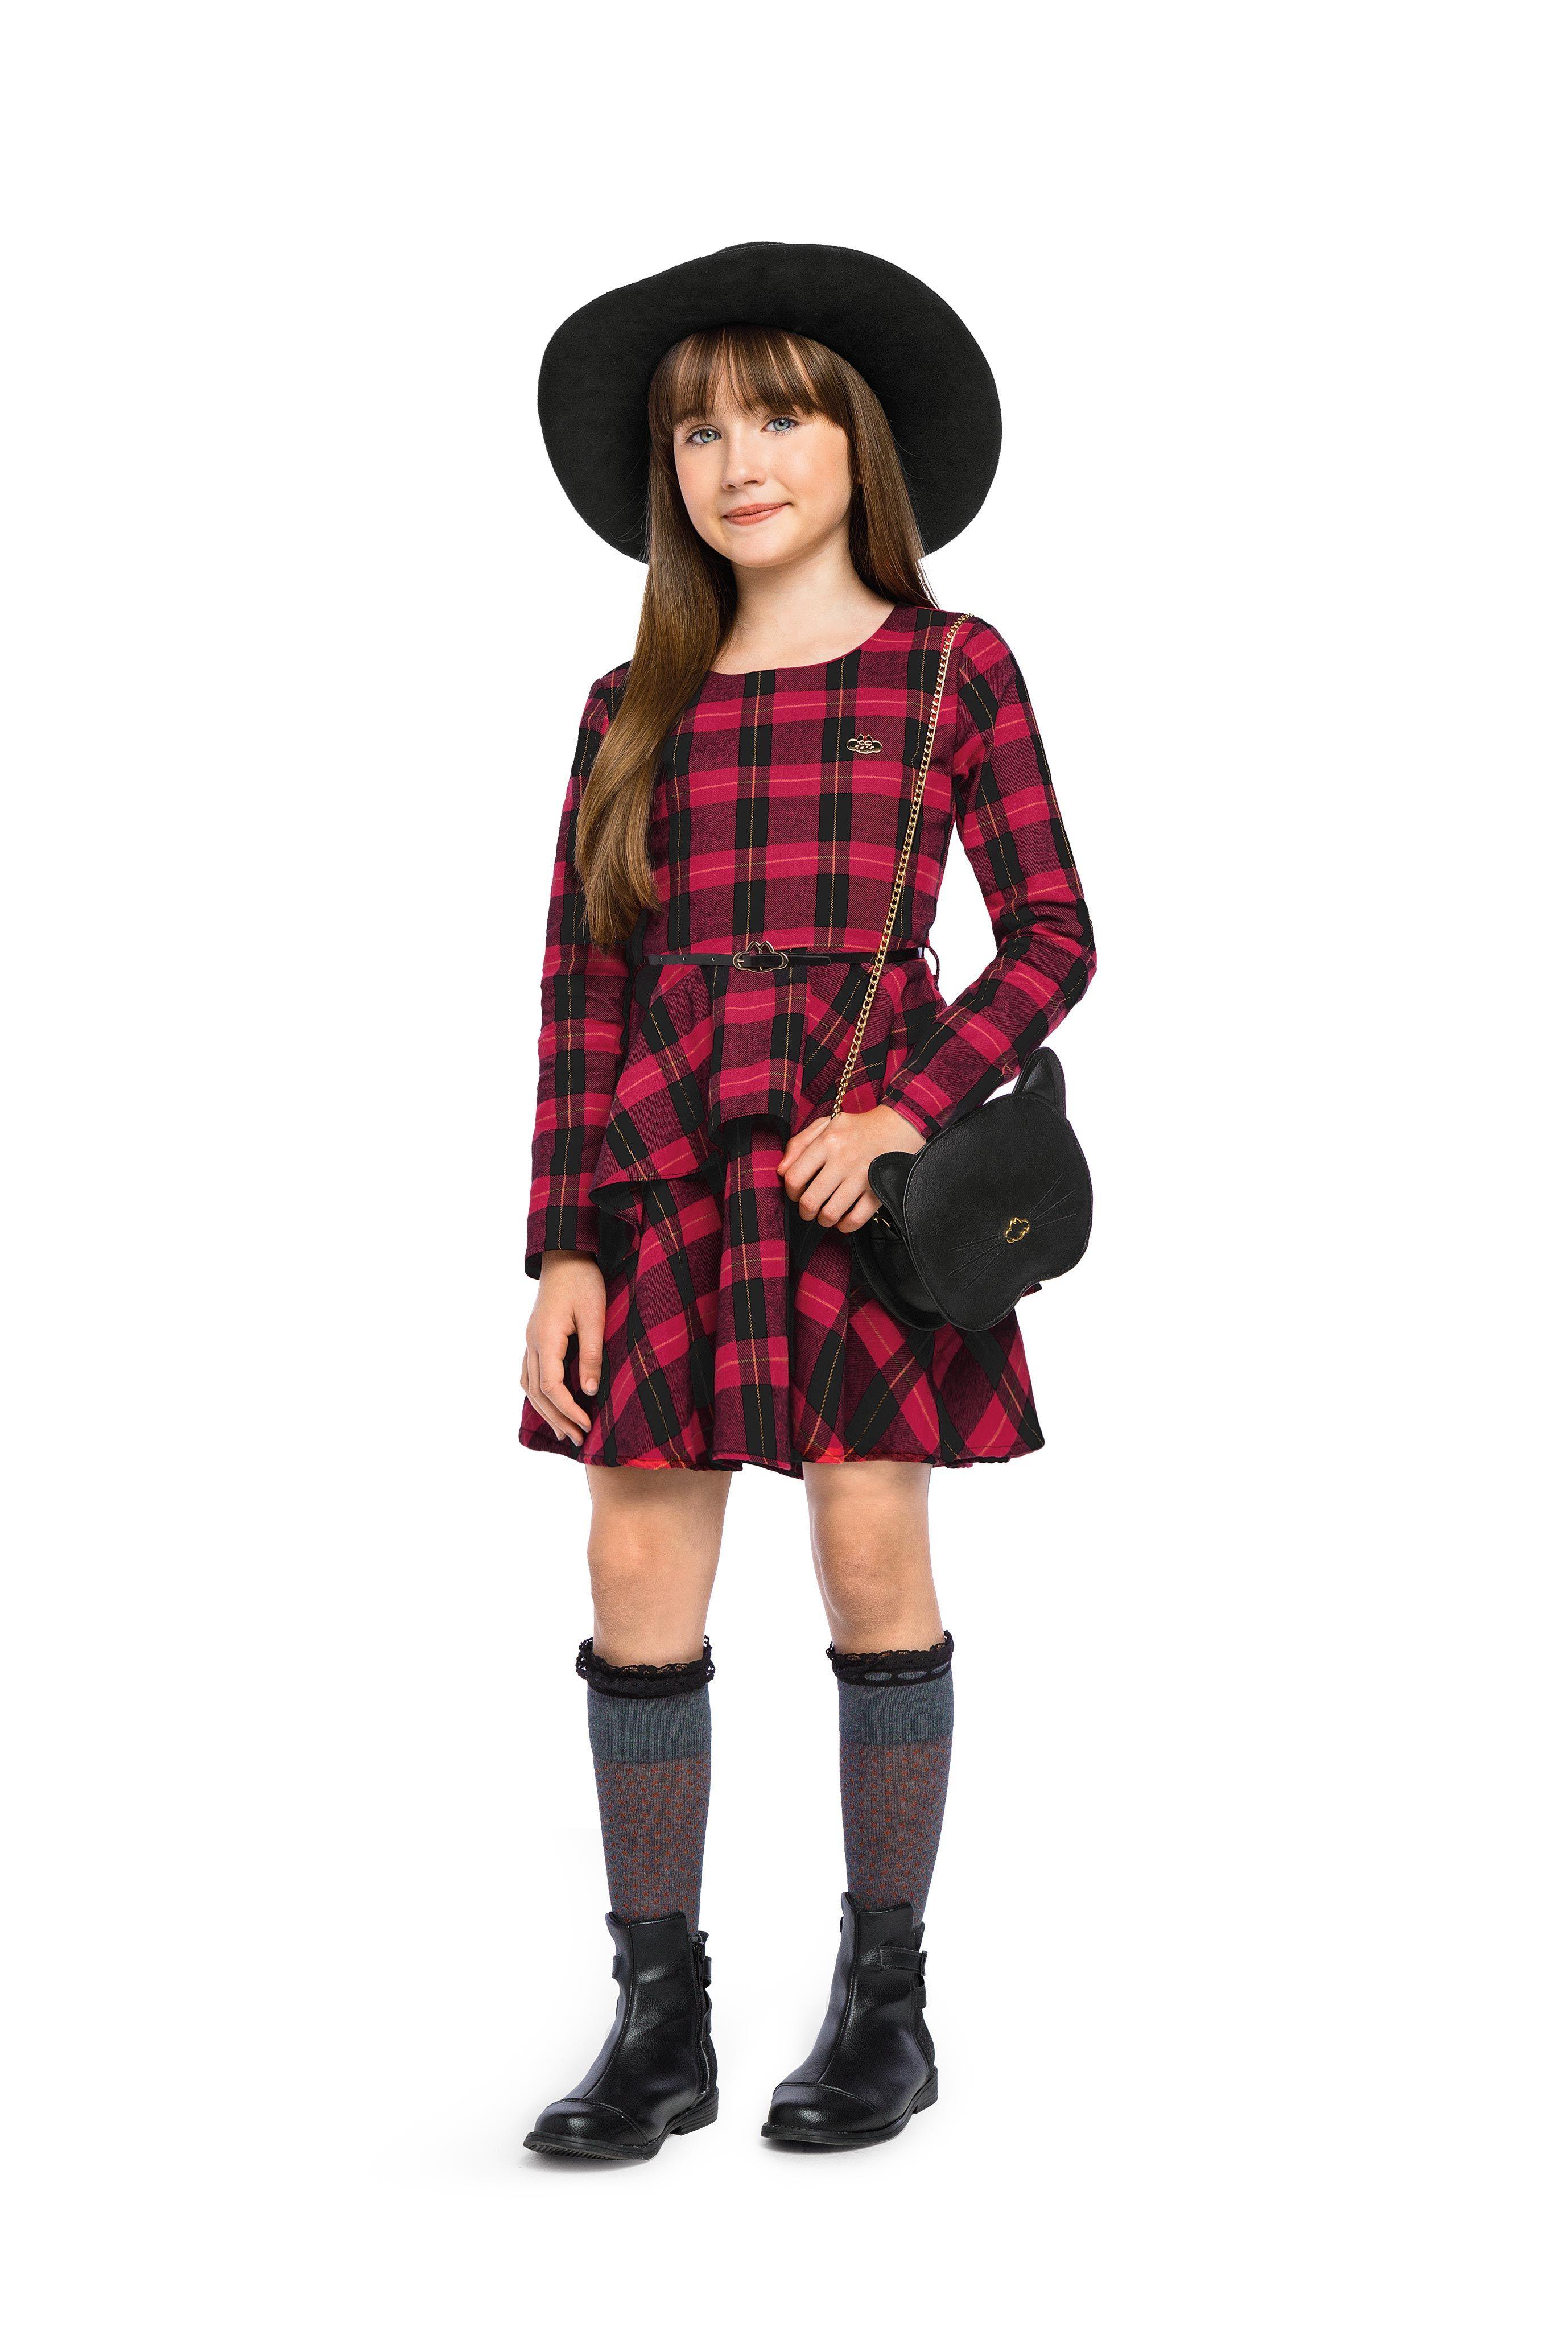 Childrenswear Lilica Ripilica Spring-Summer  LILICA RIPILICA FW 2017/18